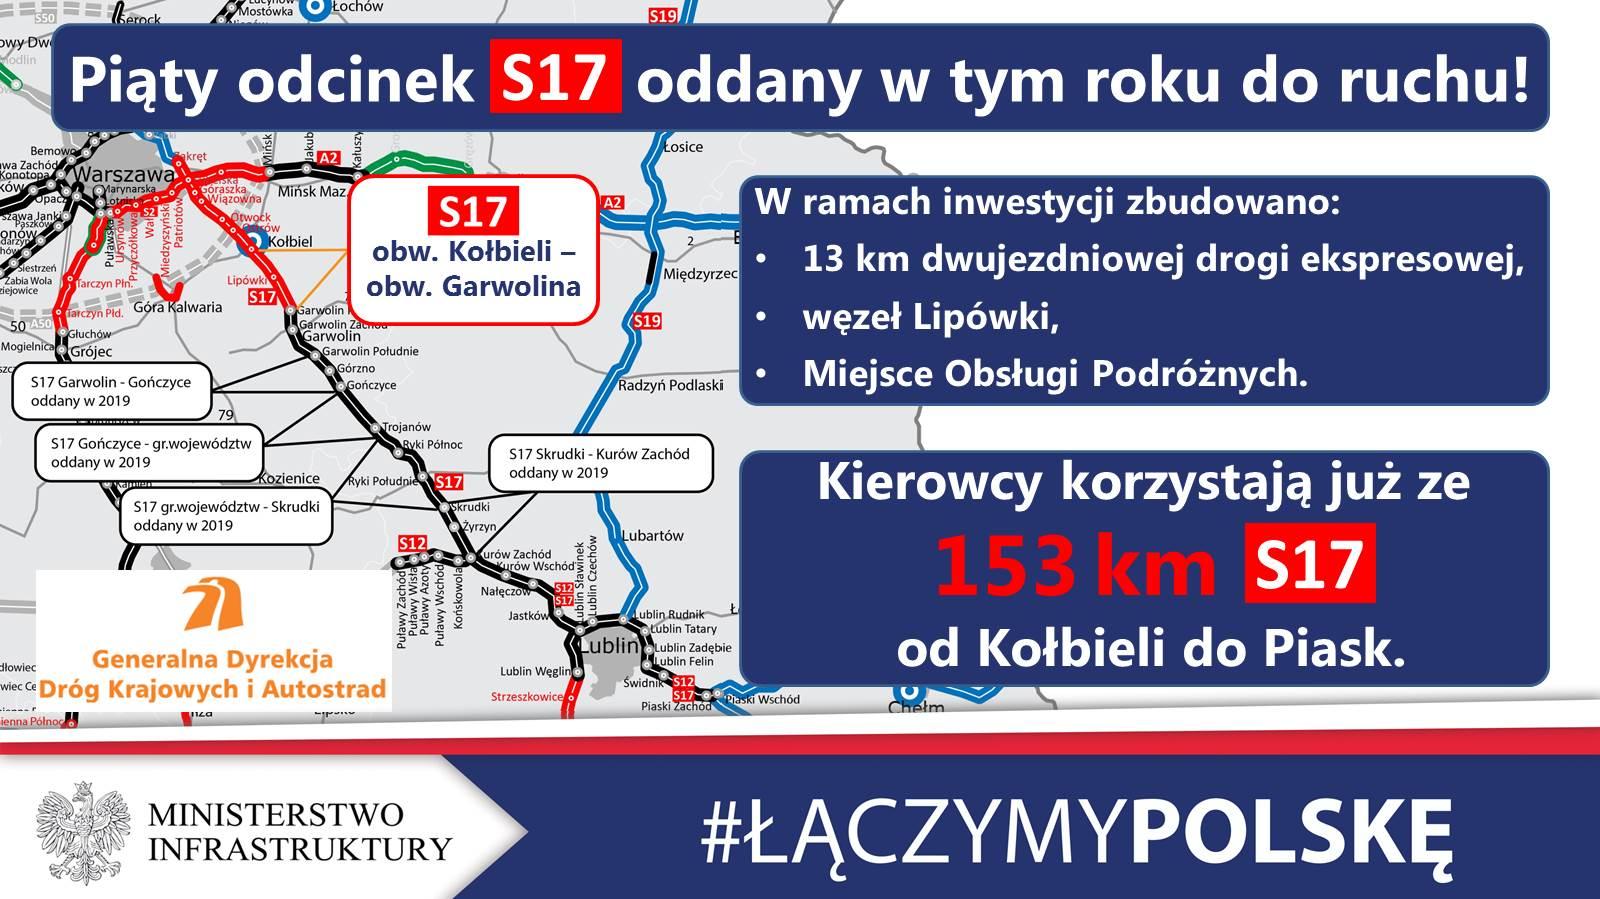 Źródło: Ministerstwo Infrastruktury